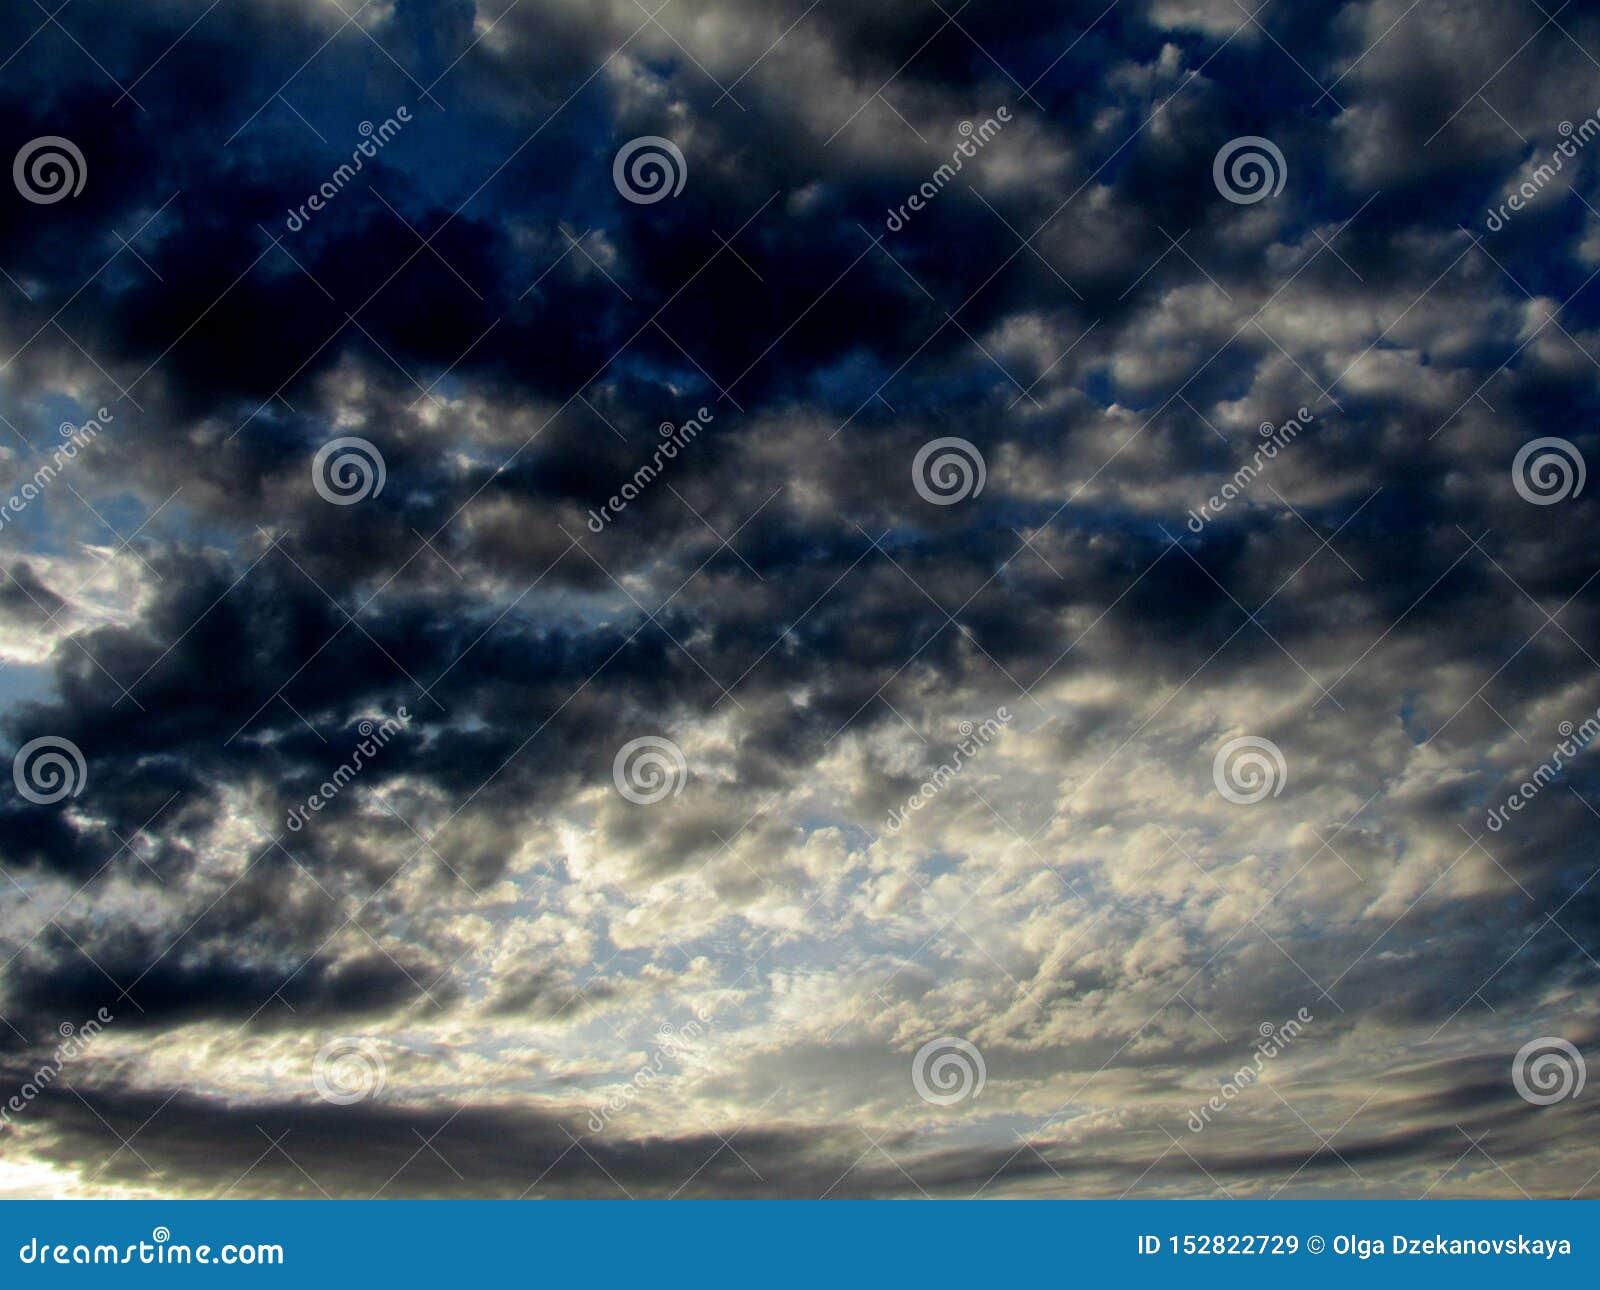 L image du ciel égalisant avec contraster d une manière fantaisiste le cirrus coloré et les nuages bleus fumeux